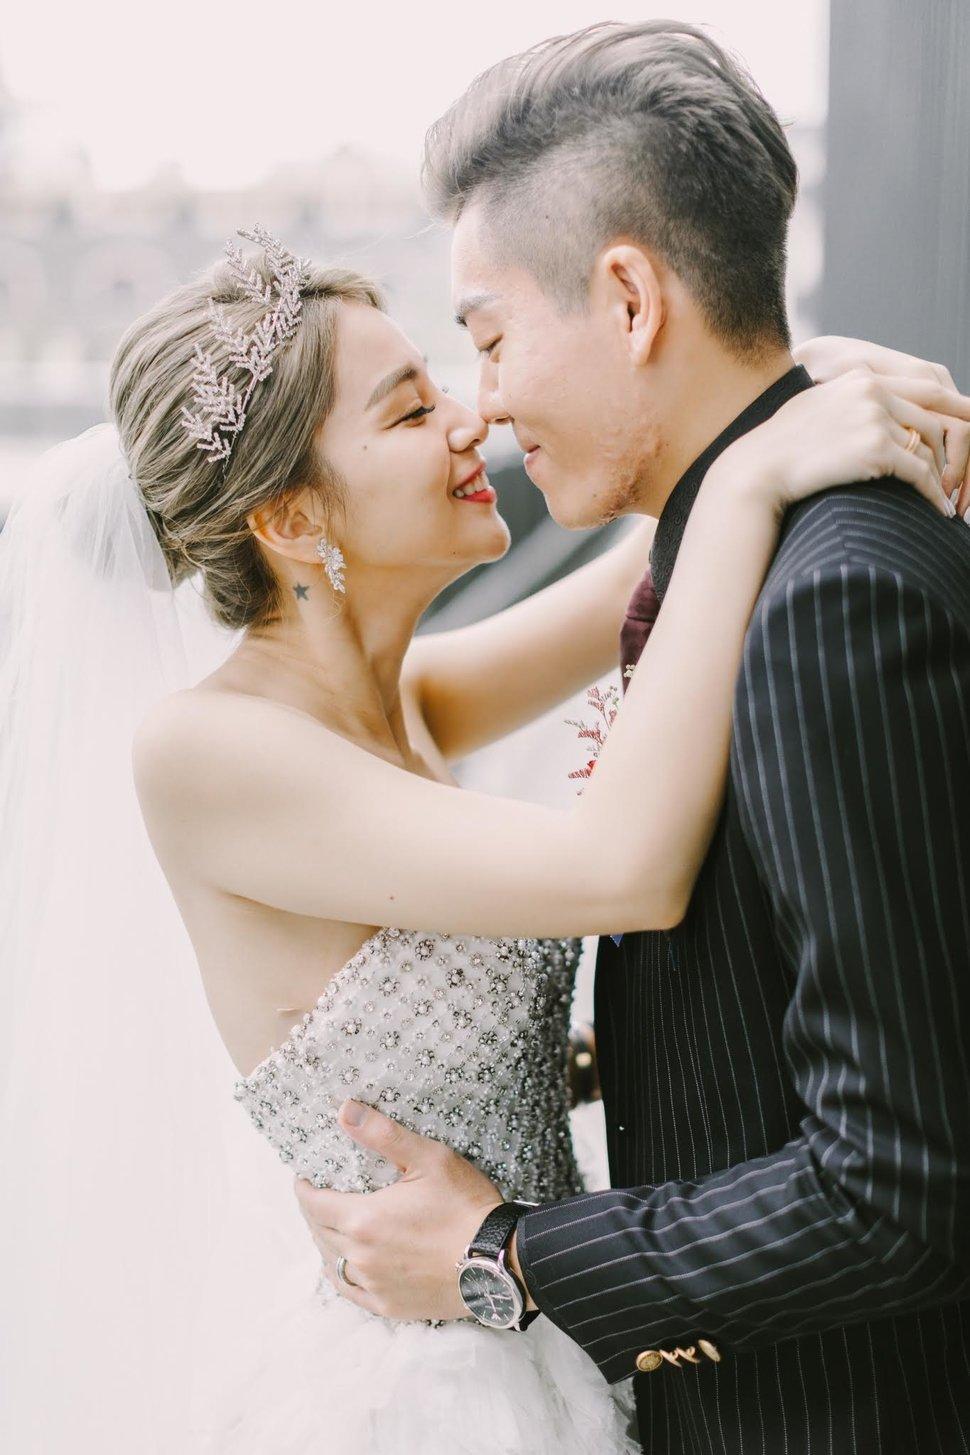 八德彭園婚禮 -美式婚禮-美式婚禮紀錄- Amazing Grace 攝影美學 -台中婚禮紀錄 - Amazing Grace Studio8 - Amazing Grace Studio《結婚吧》